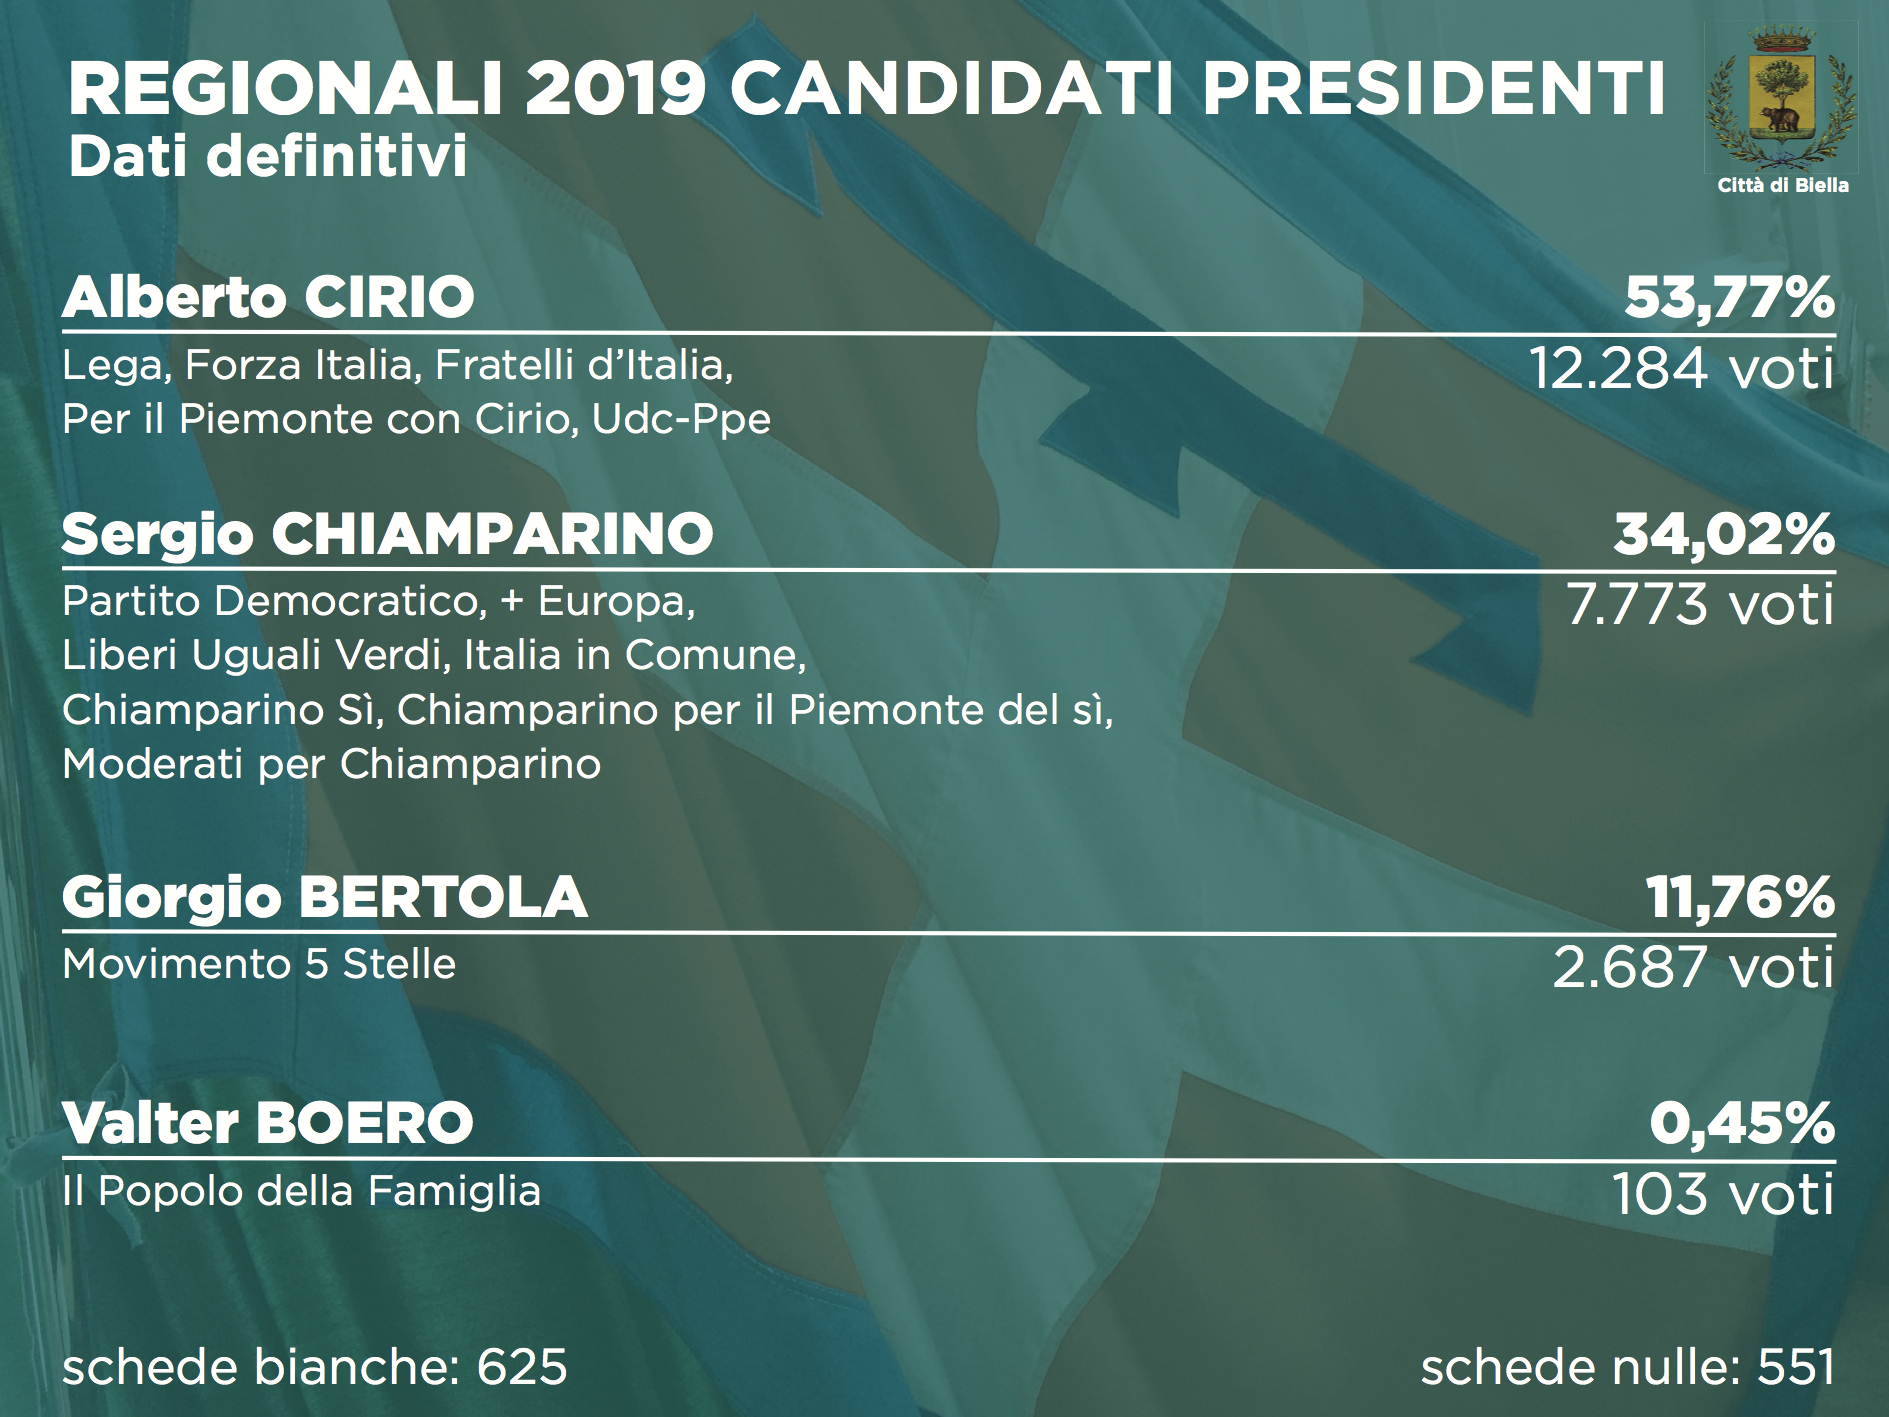 Elezioni 2019, i risultati definitivi delle regionali